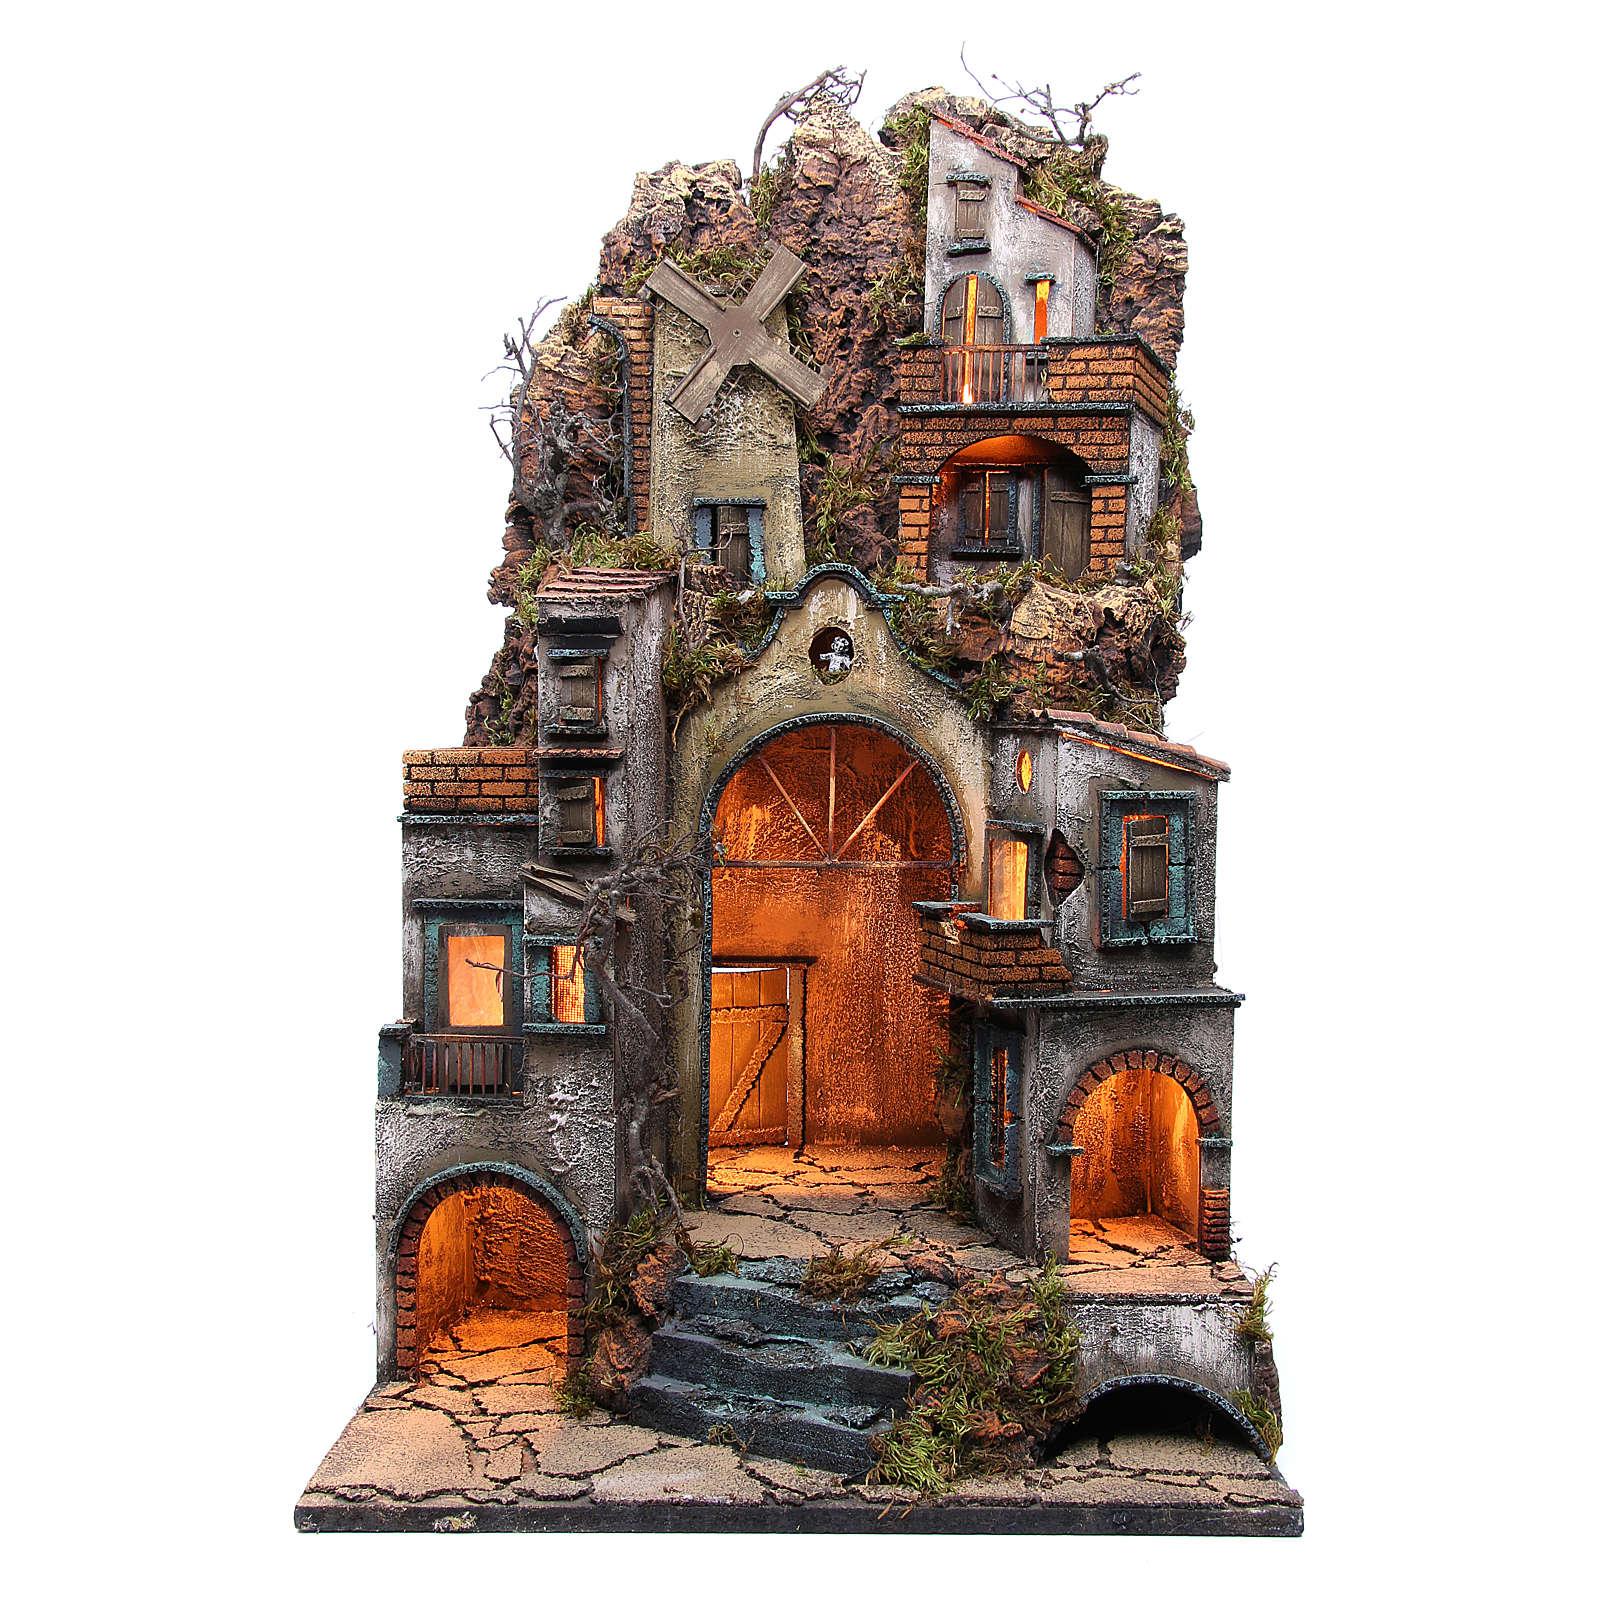 Pueblo iluminado belén napoiltano con molino 90x50x50 cm 4